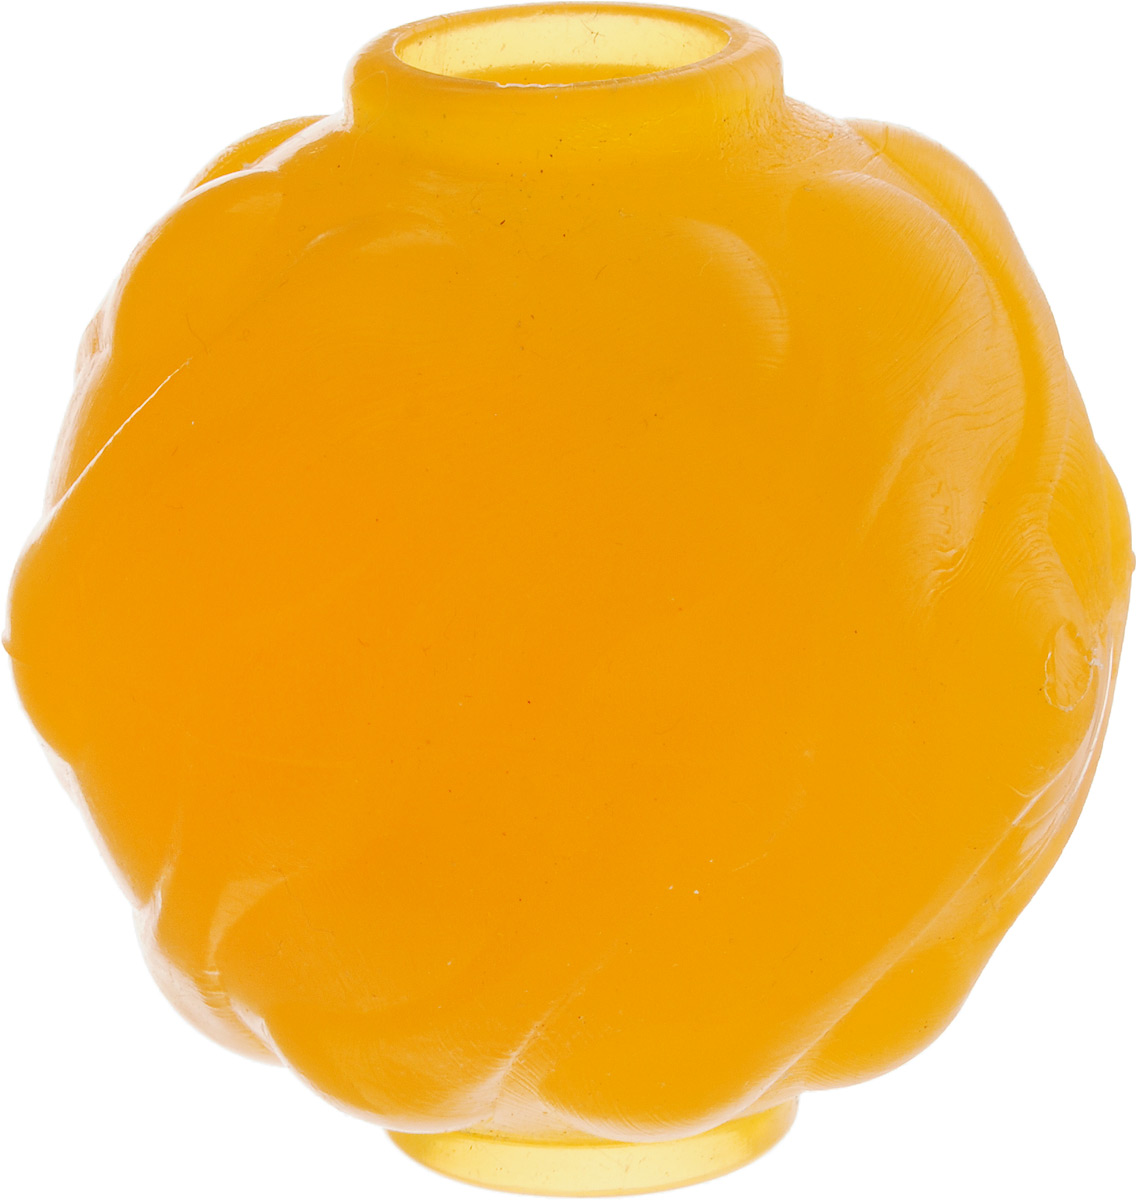 Игрушка для собак Doglike Мяч Космос, 6 х 6 х 6,3 см515Игрушка Doglike Мяч Космос служит для массажа десен и очистки зубов от налета и камня, а также снимает нервное напряжение. Игрушка представляет собой резиновый мяч с отверстием. Она прочная и может выдержать огромное количество часов игры. Это идеальная замена косточке.Если ваш пес портит мебель, излишне агрессивен, непослушен или страдает излишним весом то, скорее всего, корень всех бед кроется в недостаточной физической и эмоциональной нагрузке. Порадуйте своего питомца прекрасным и качественным подарком.